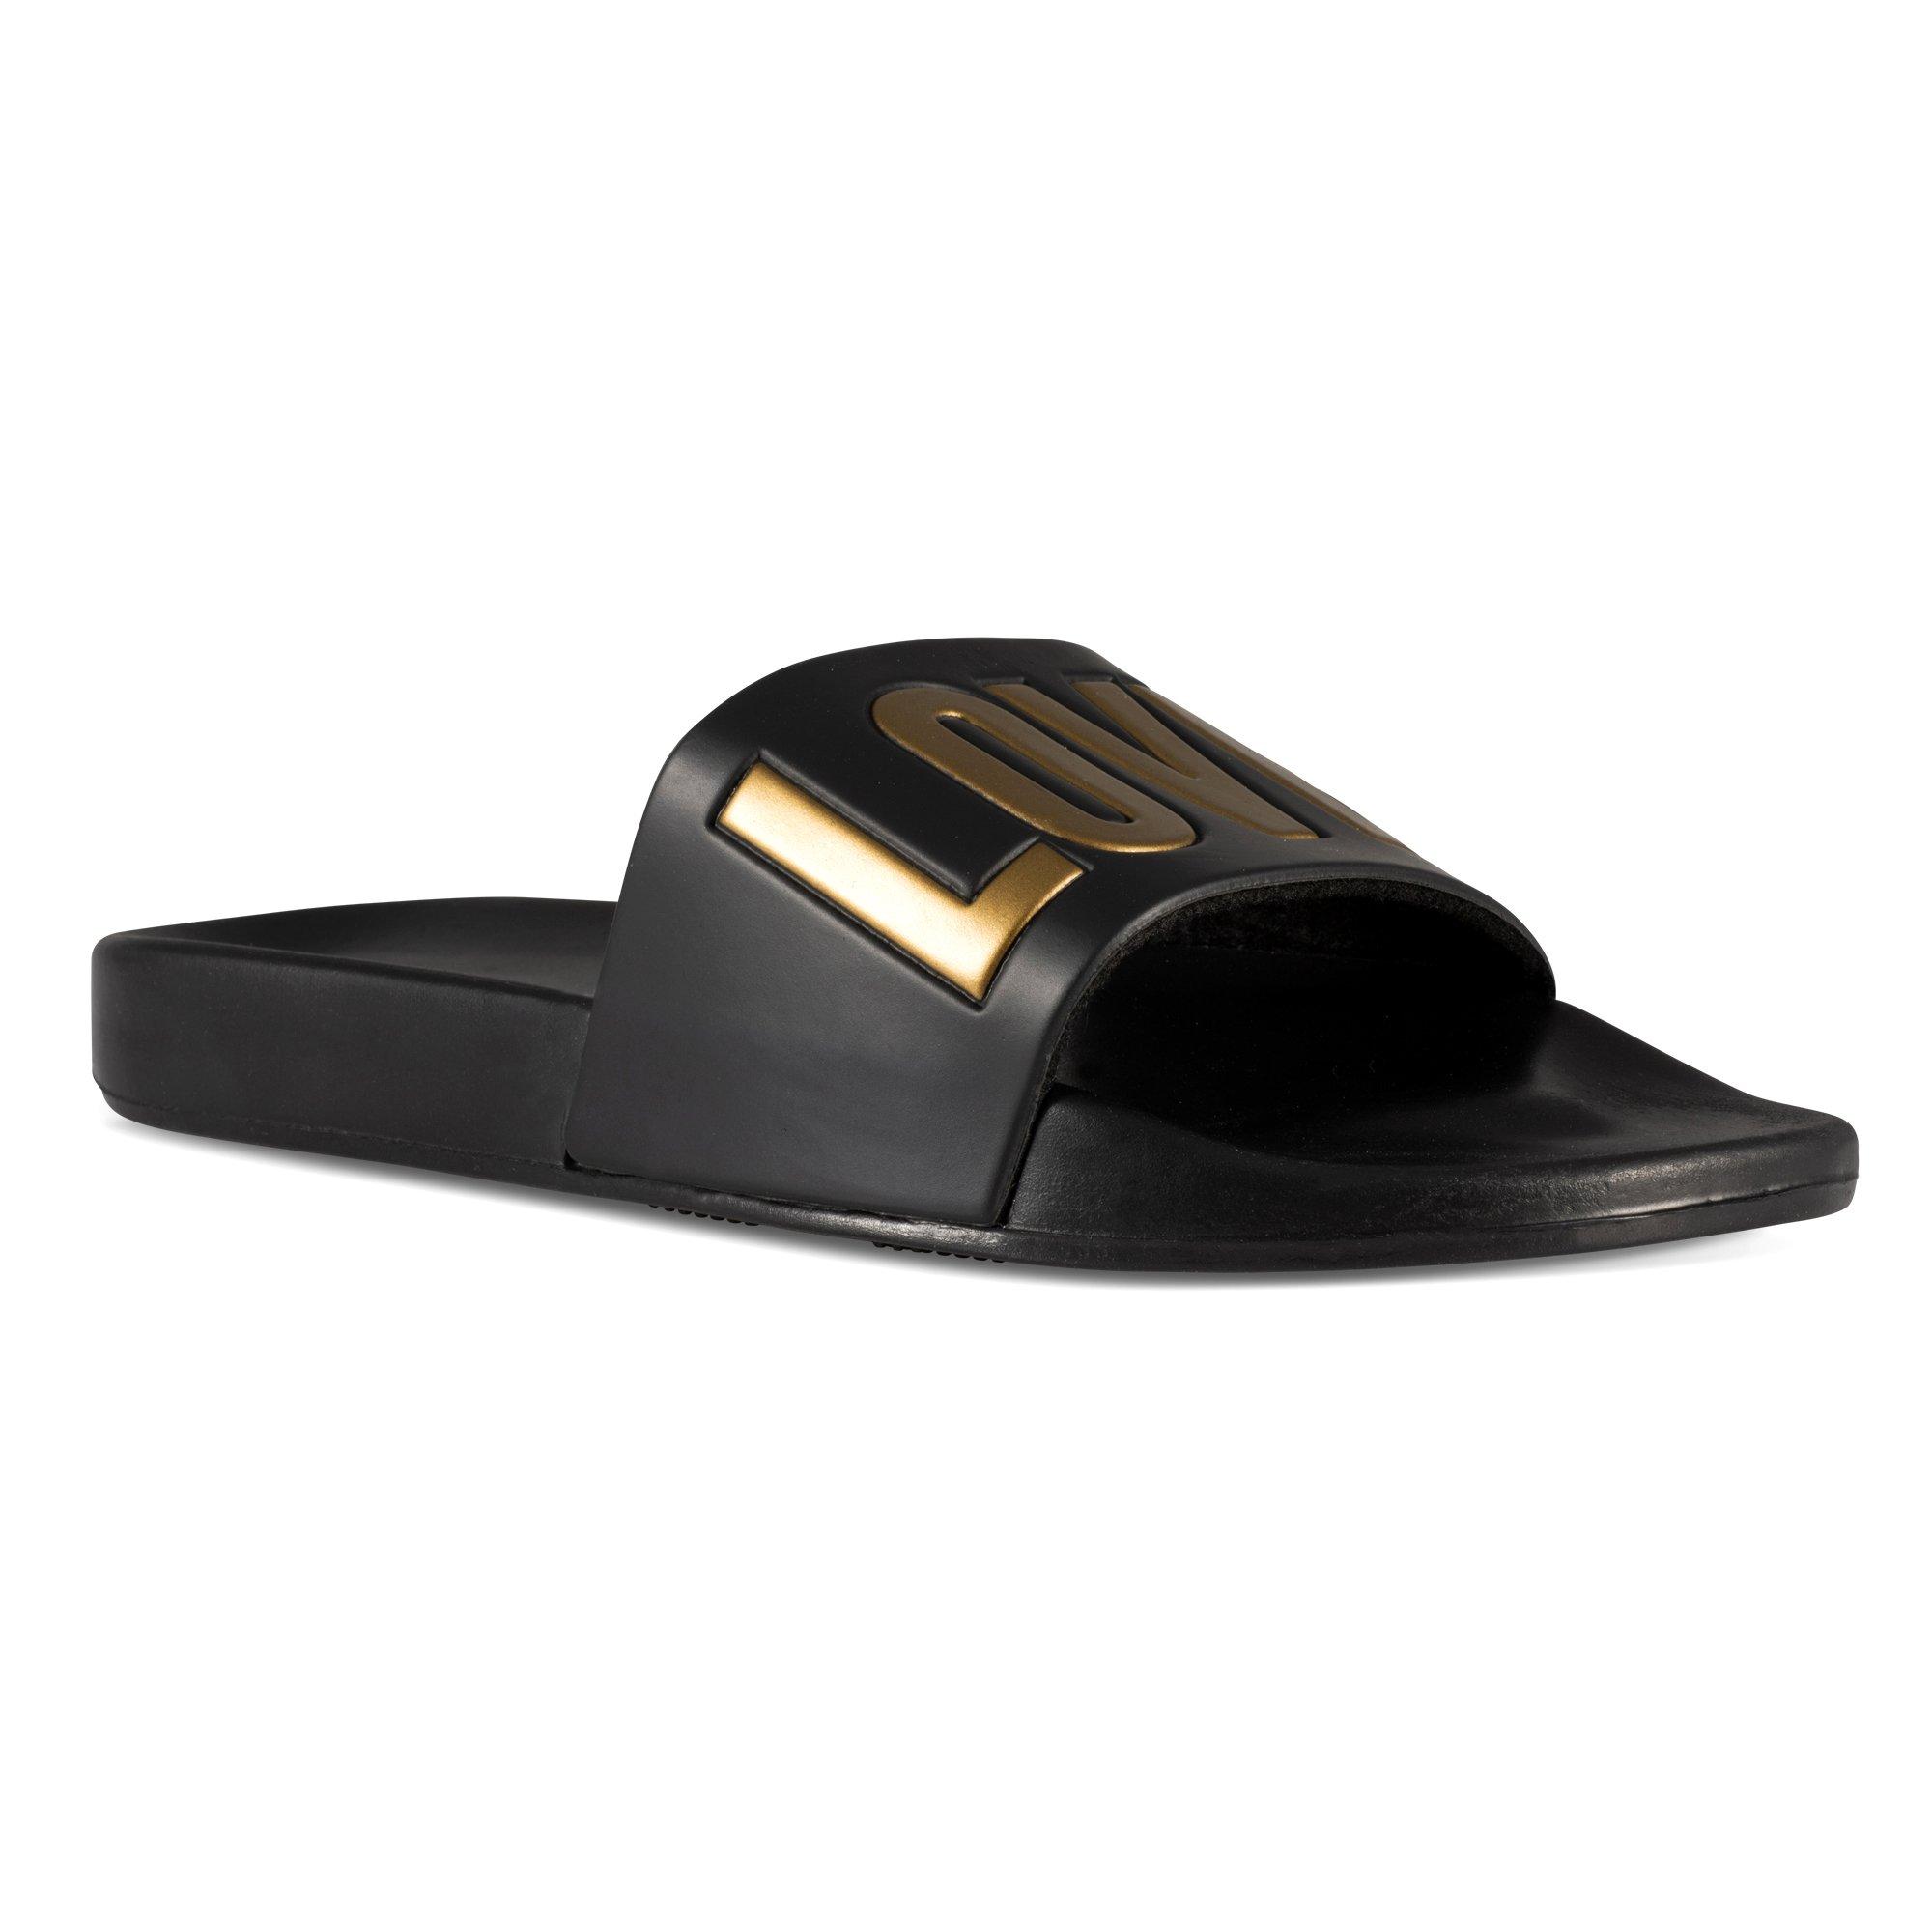 Fresko Shoes Ladies Slide Sandals – Love Print, Water Shoes for Beach, Pool